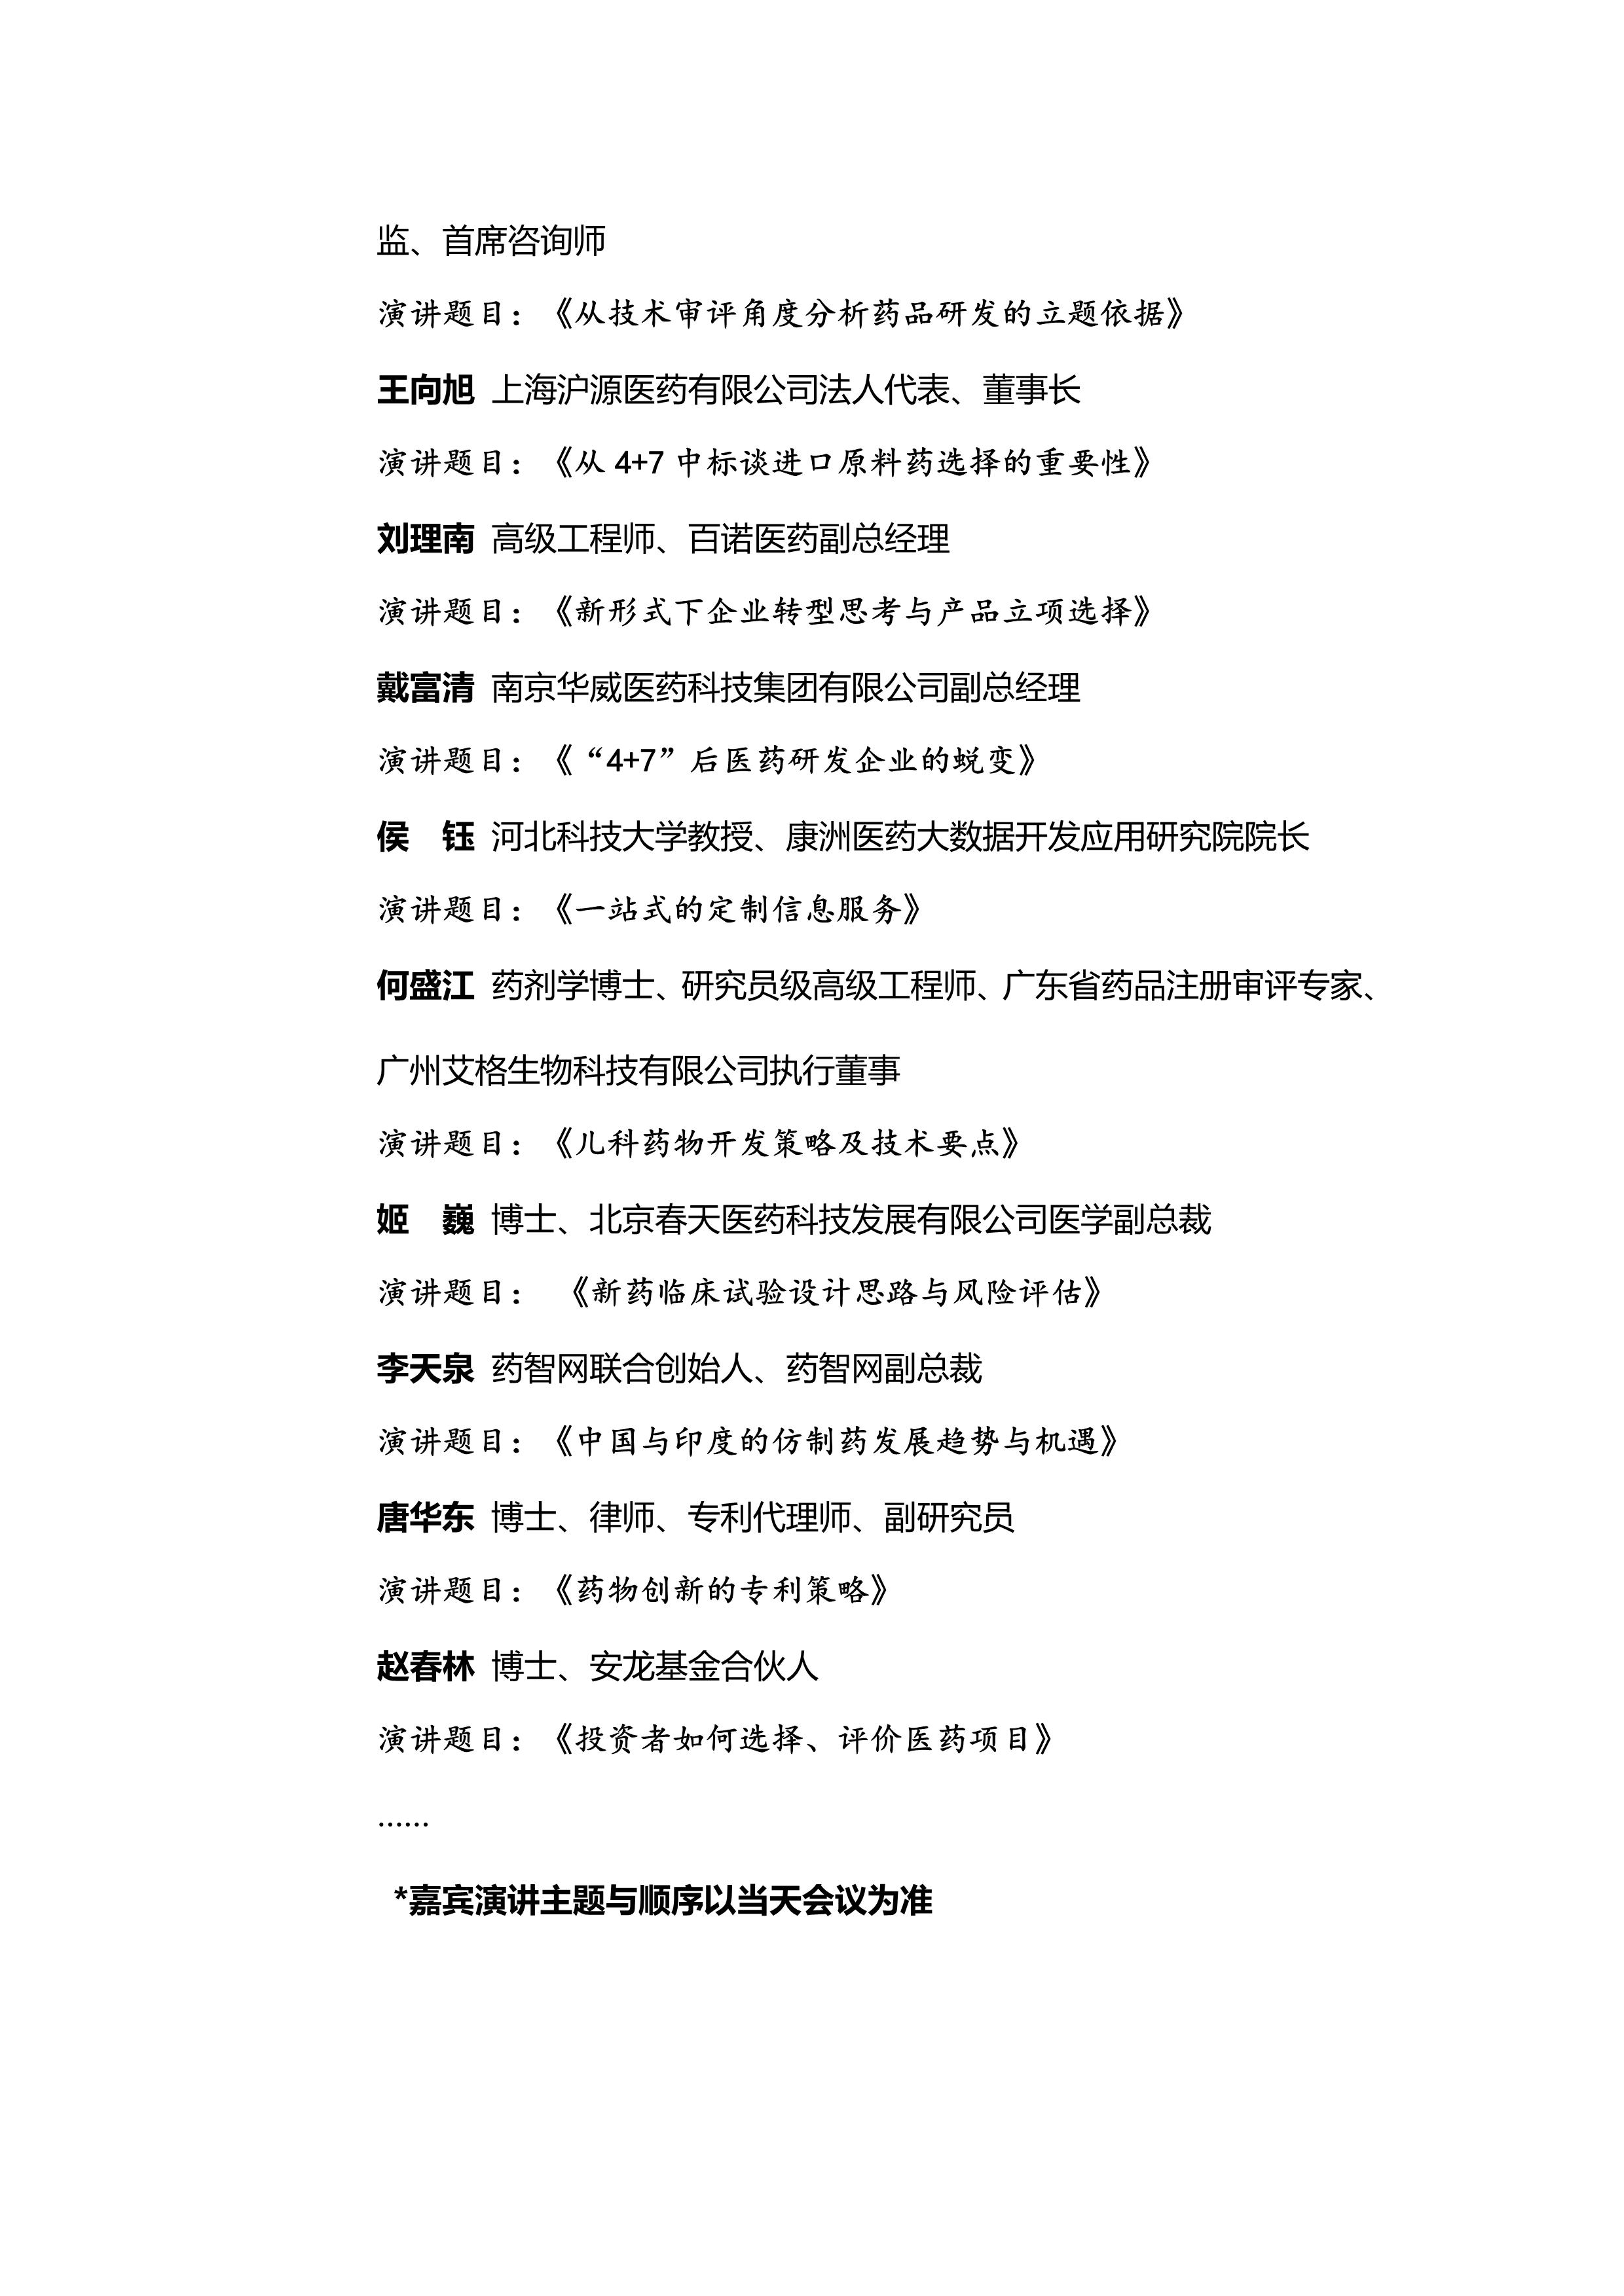 2019年第四届中国医药研发•创新峰会-邀请函0529(1)_7